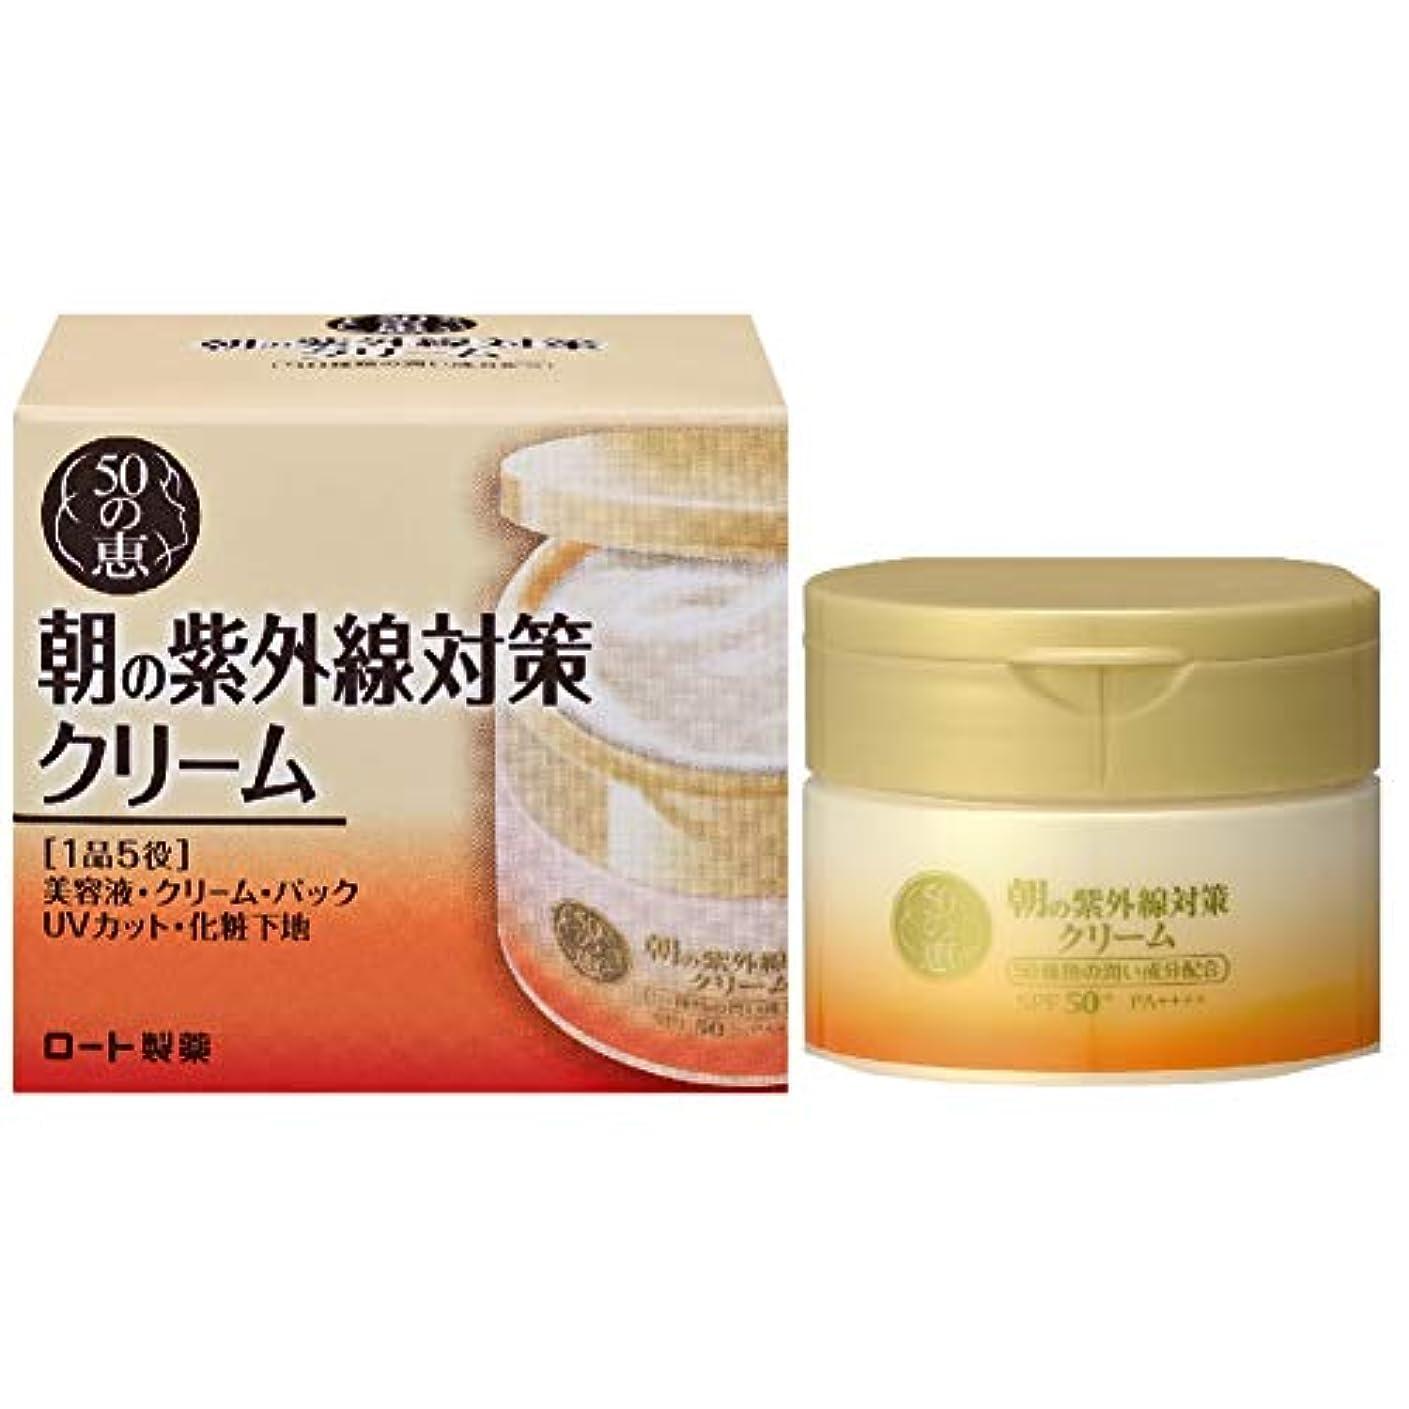 の中で保存今ロート製薬 50の恵エイジングケア 朝の紫外線対策クリーム 養潤成分50種類配合オールインワン SPF50+ PA++++ 90g